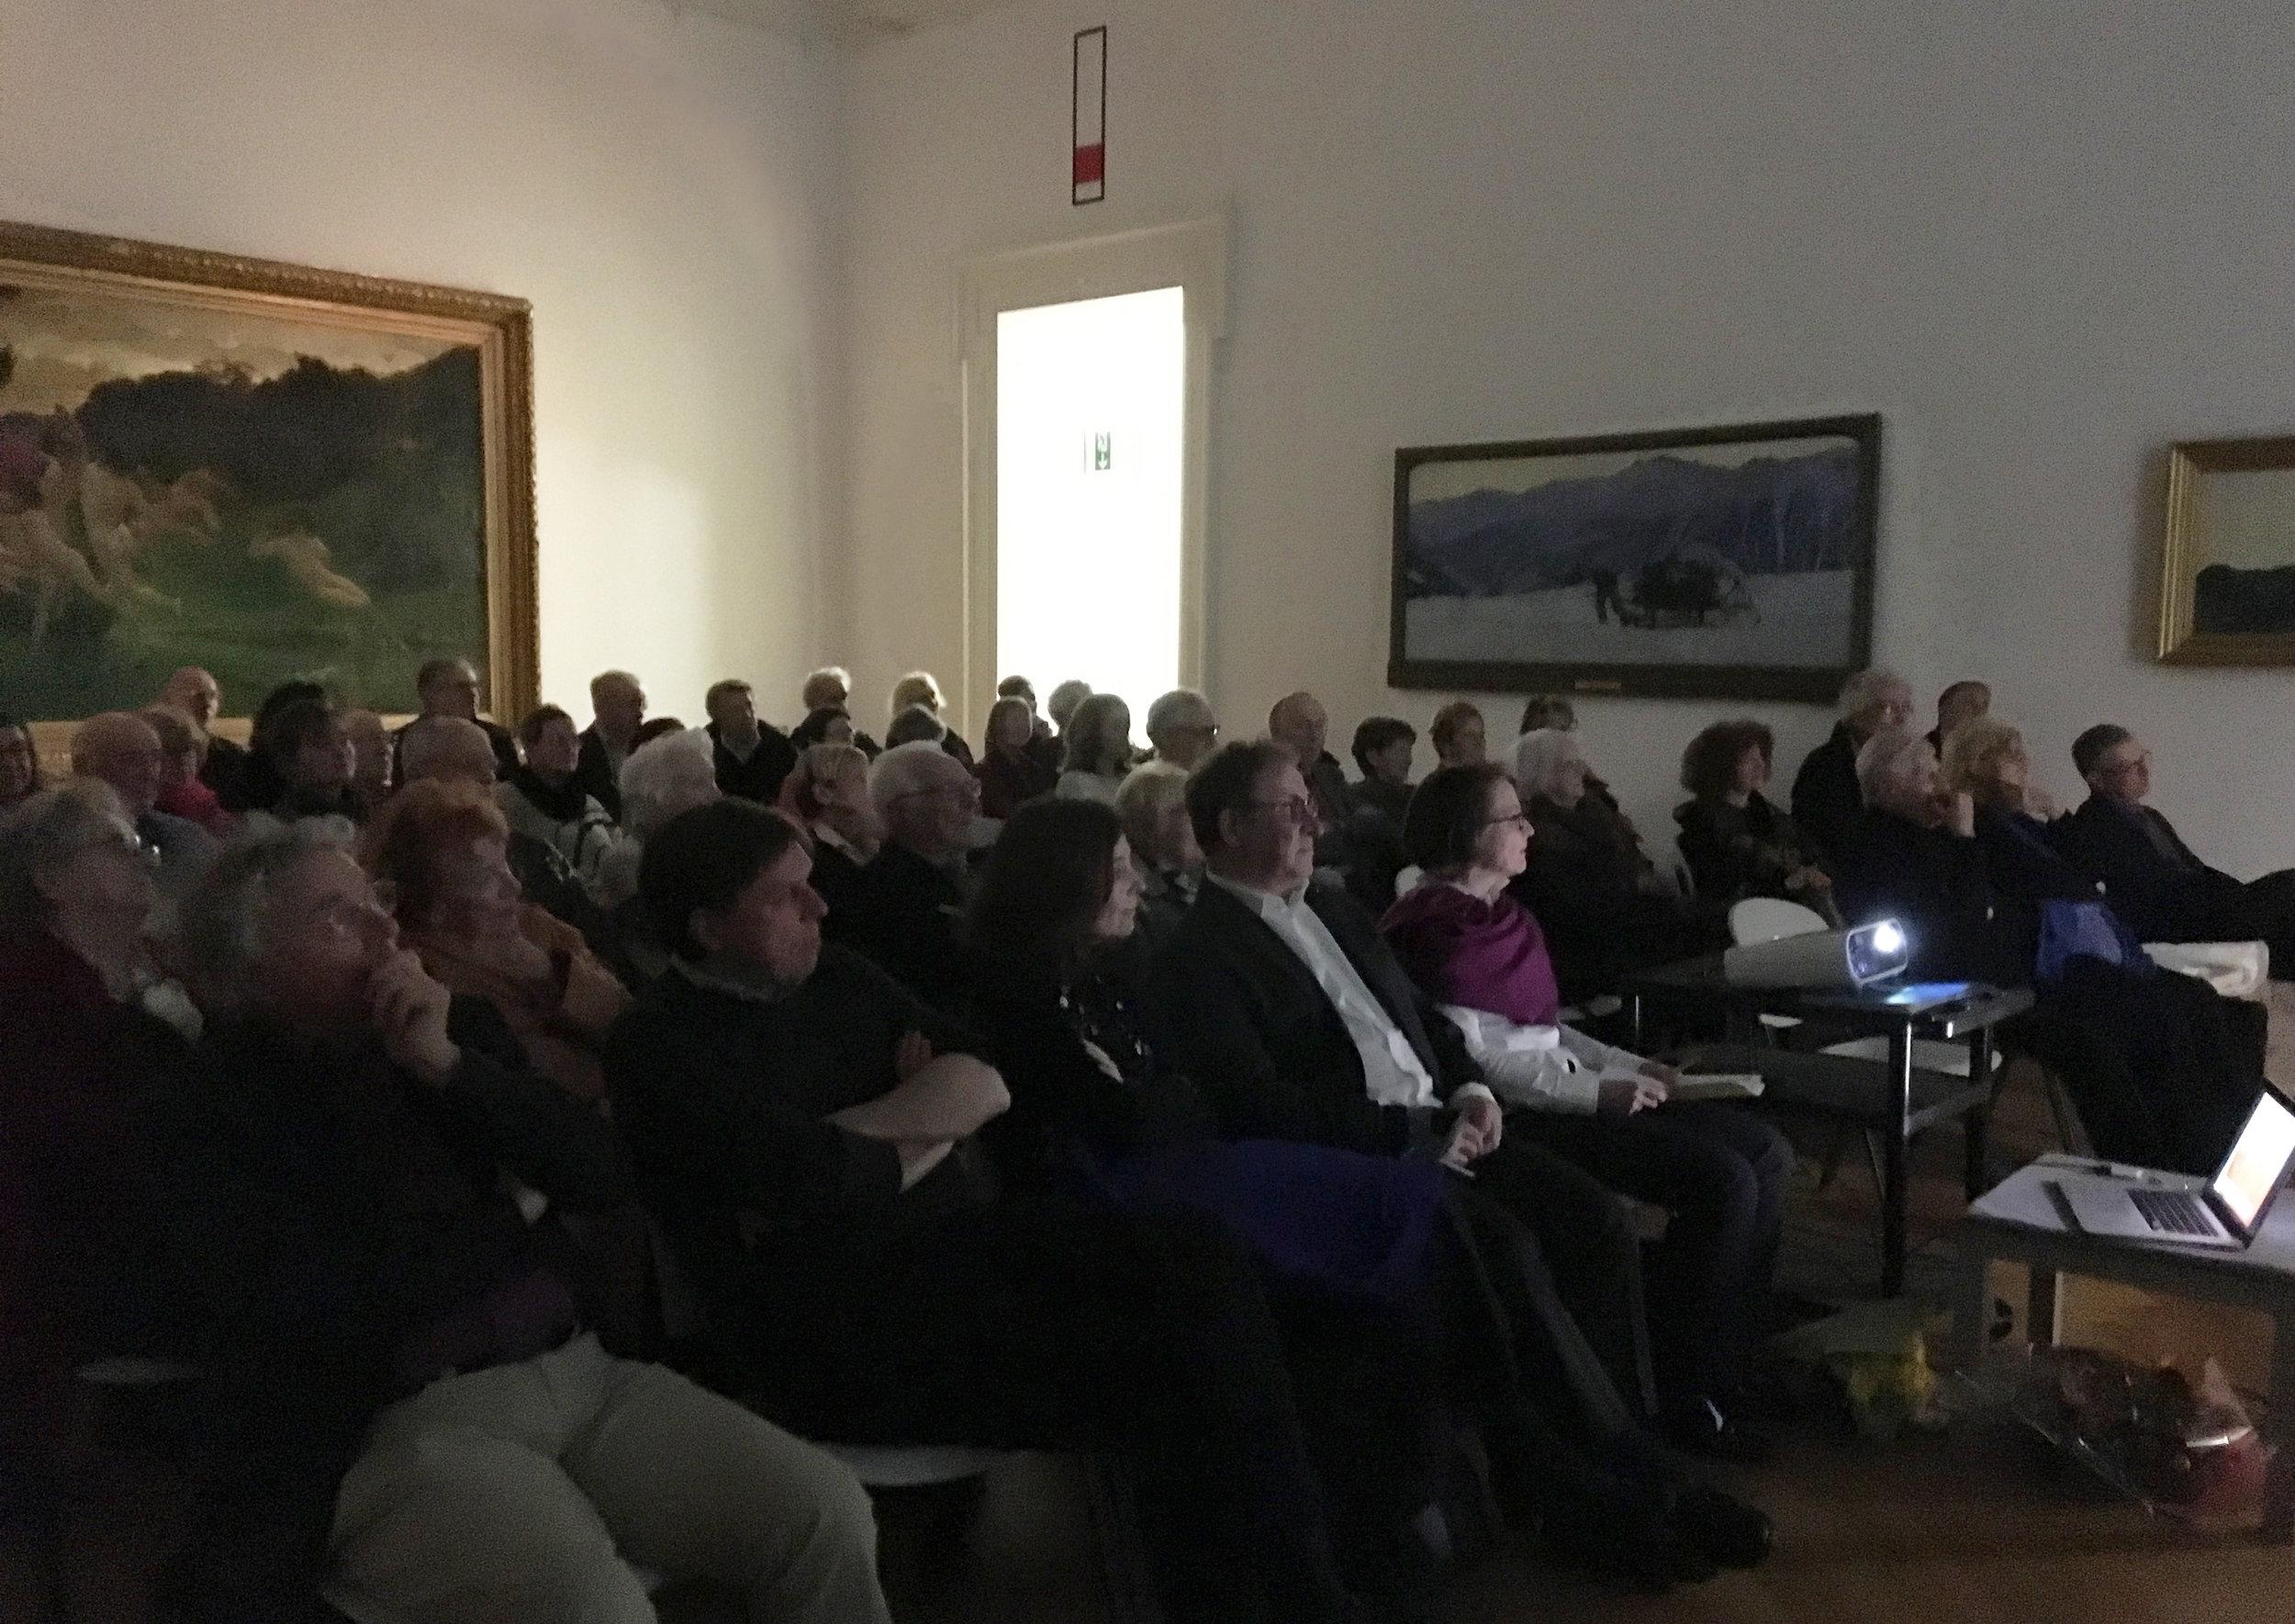 L'assemblée, nombreuse,très attentive lors de la conférence de Patrick Gassmann